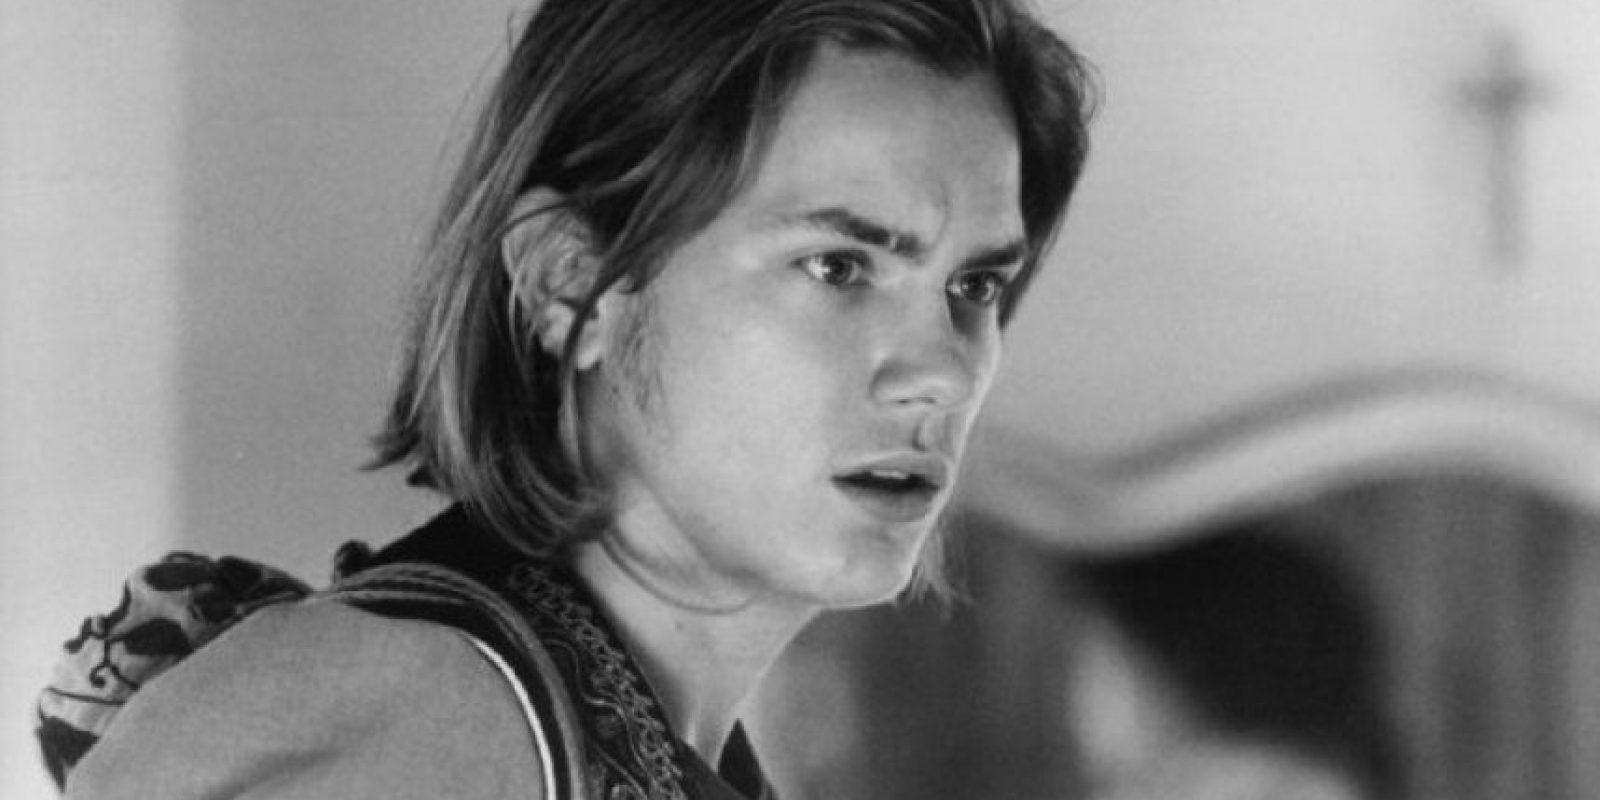 """River Phoenix, fue un famoso galán de la década de los 90. Una de sus cintas más populares fue """"Stand by me"""". Foto:IMDB"""